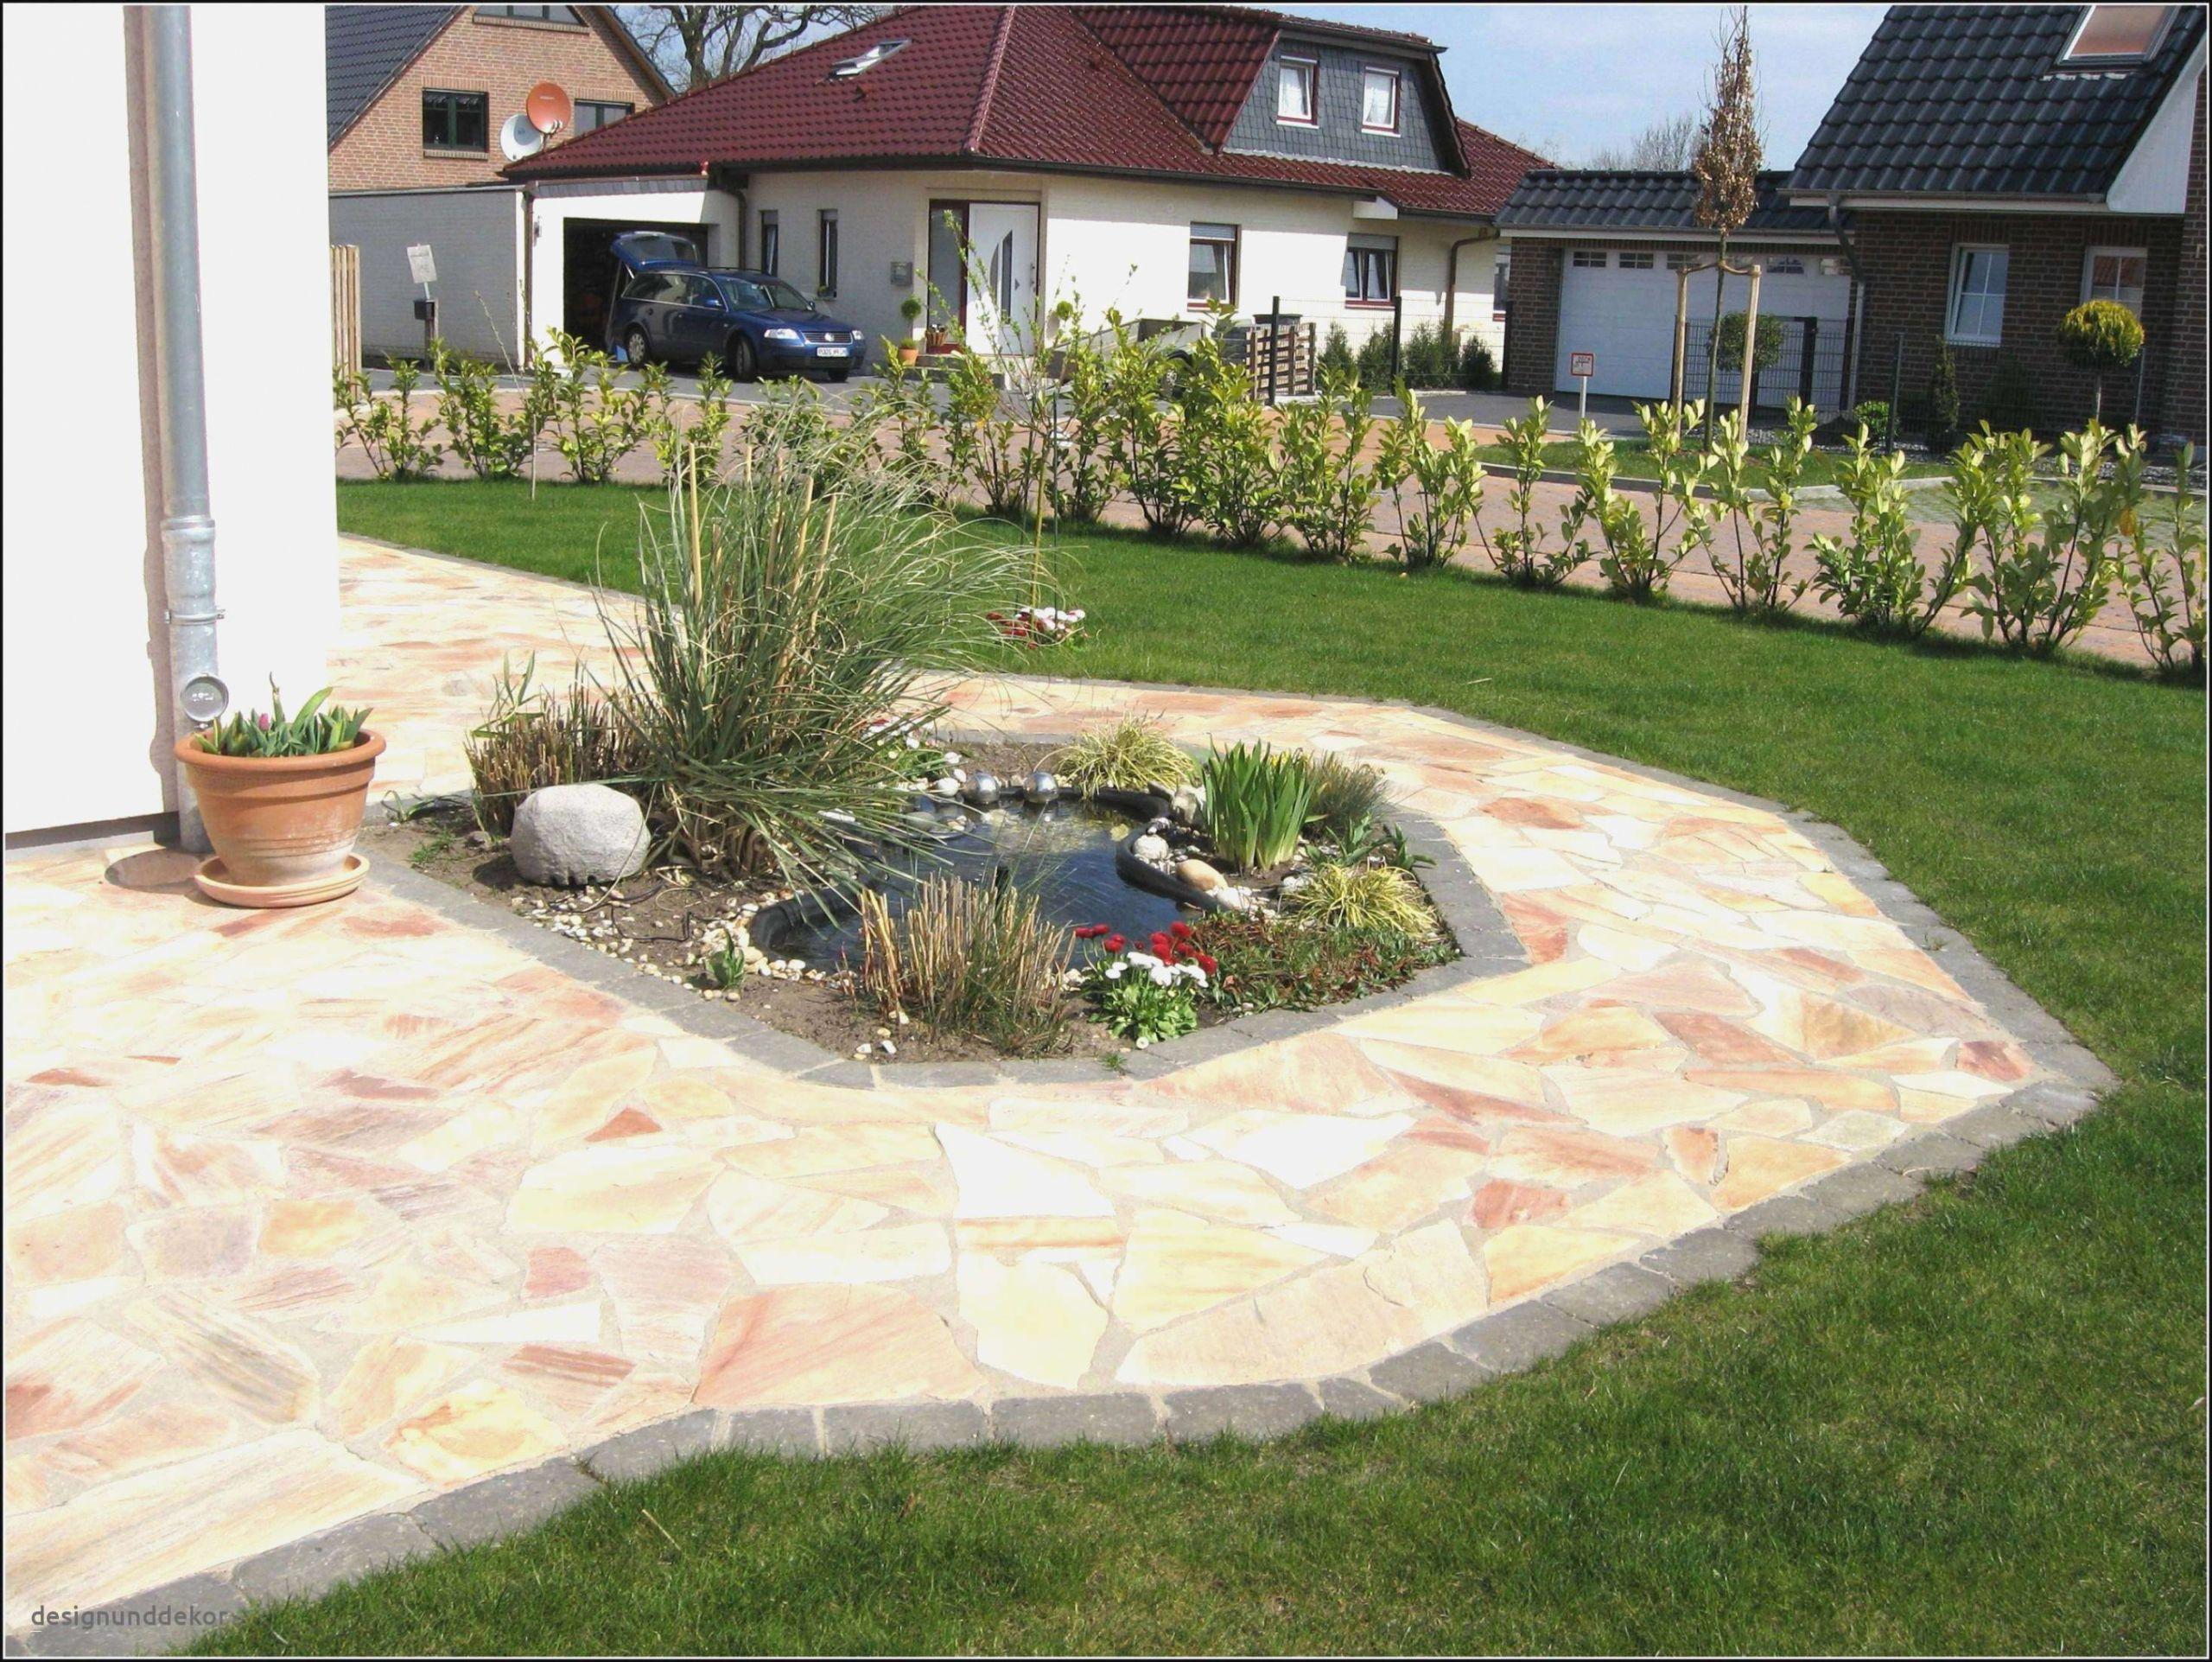 Beetgestaltung Modern Neu Gartengestaltung Ideen Mit Steinen — Temobardz Home Blog